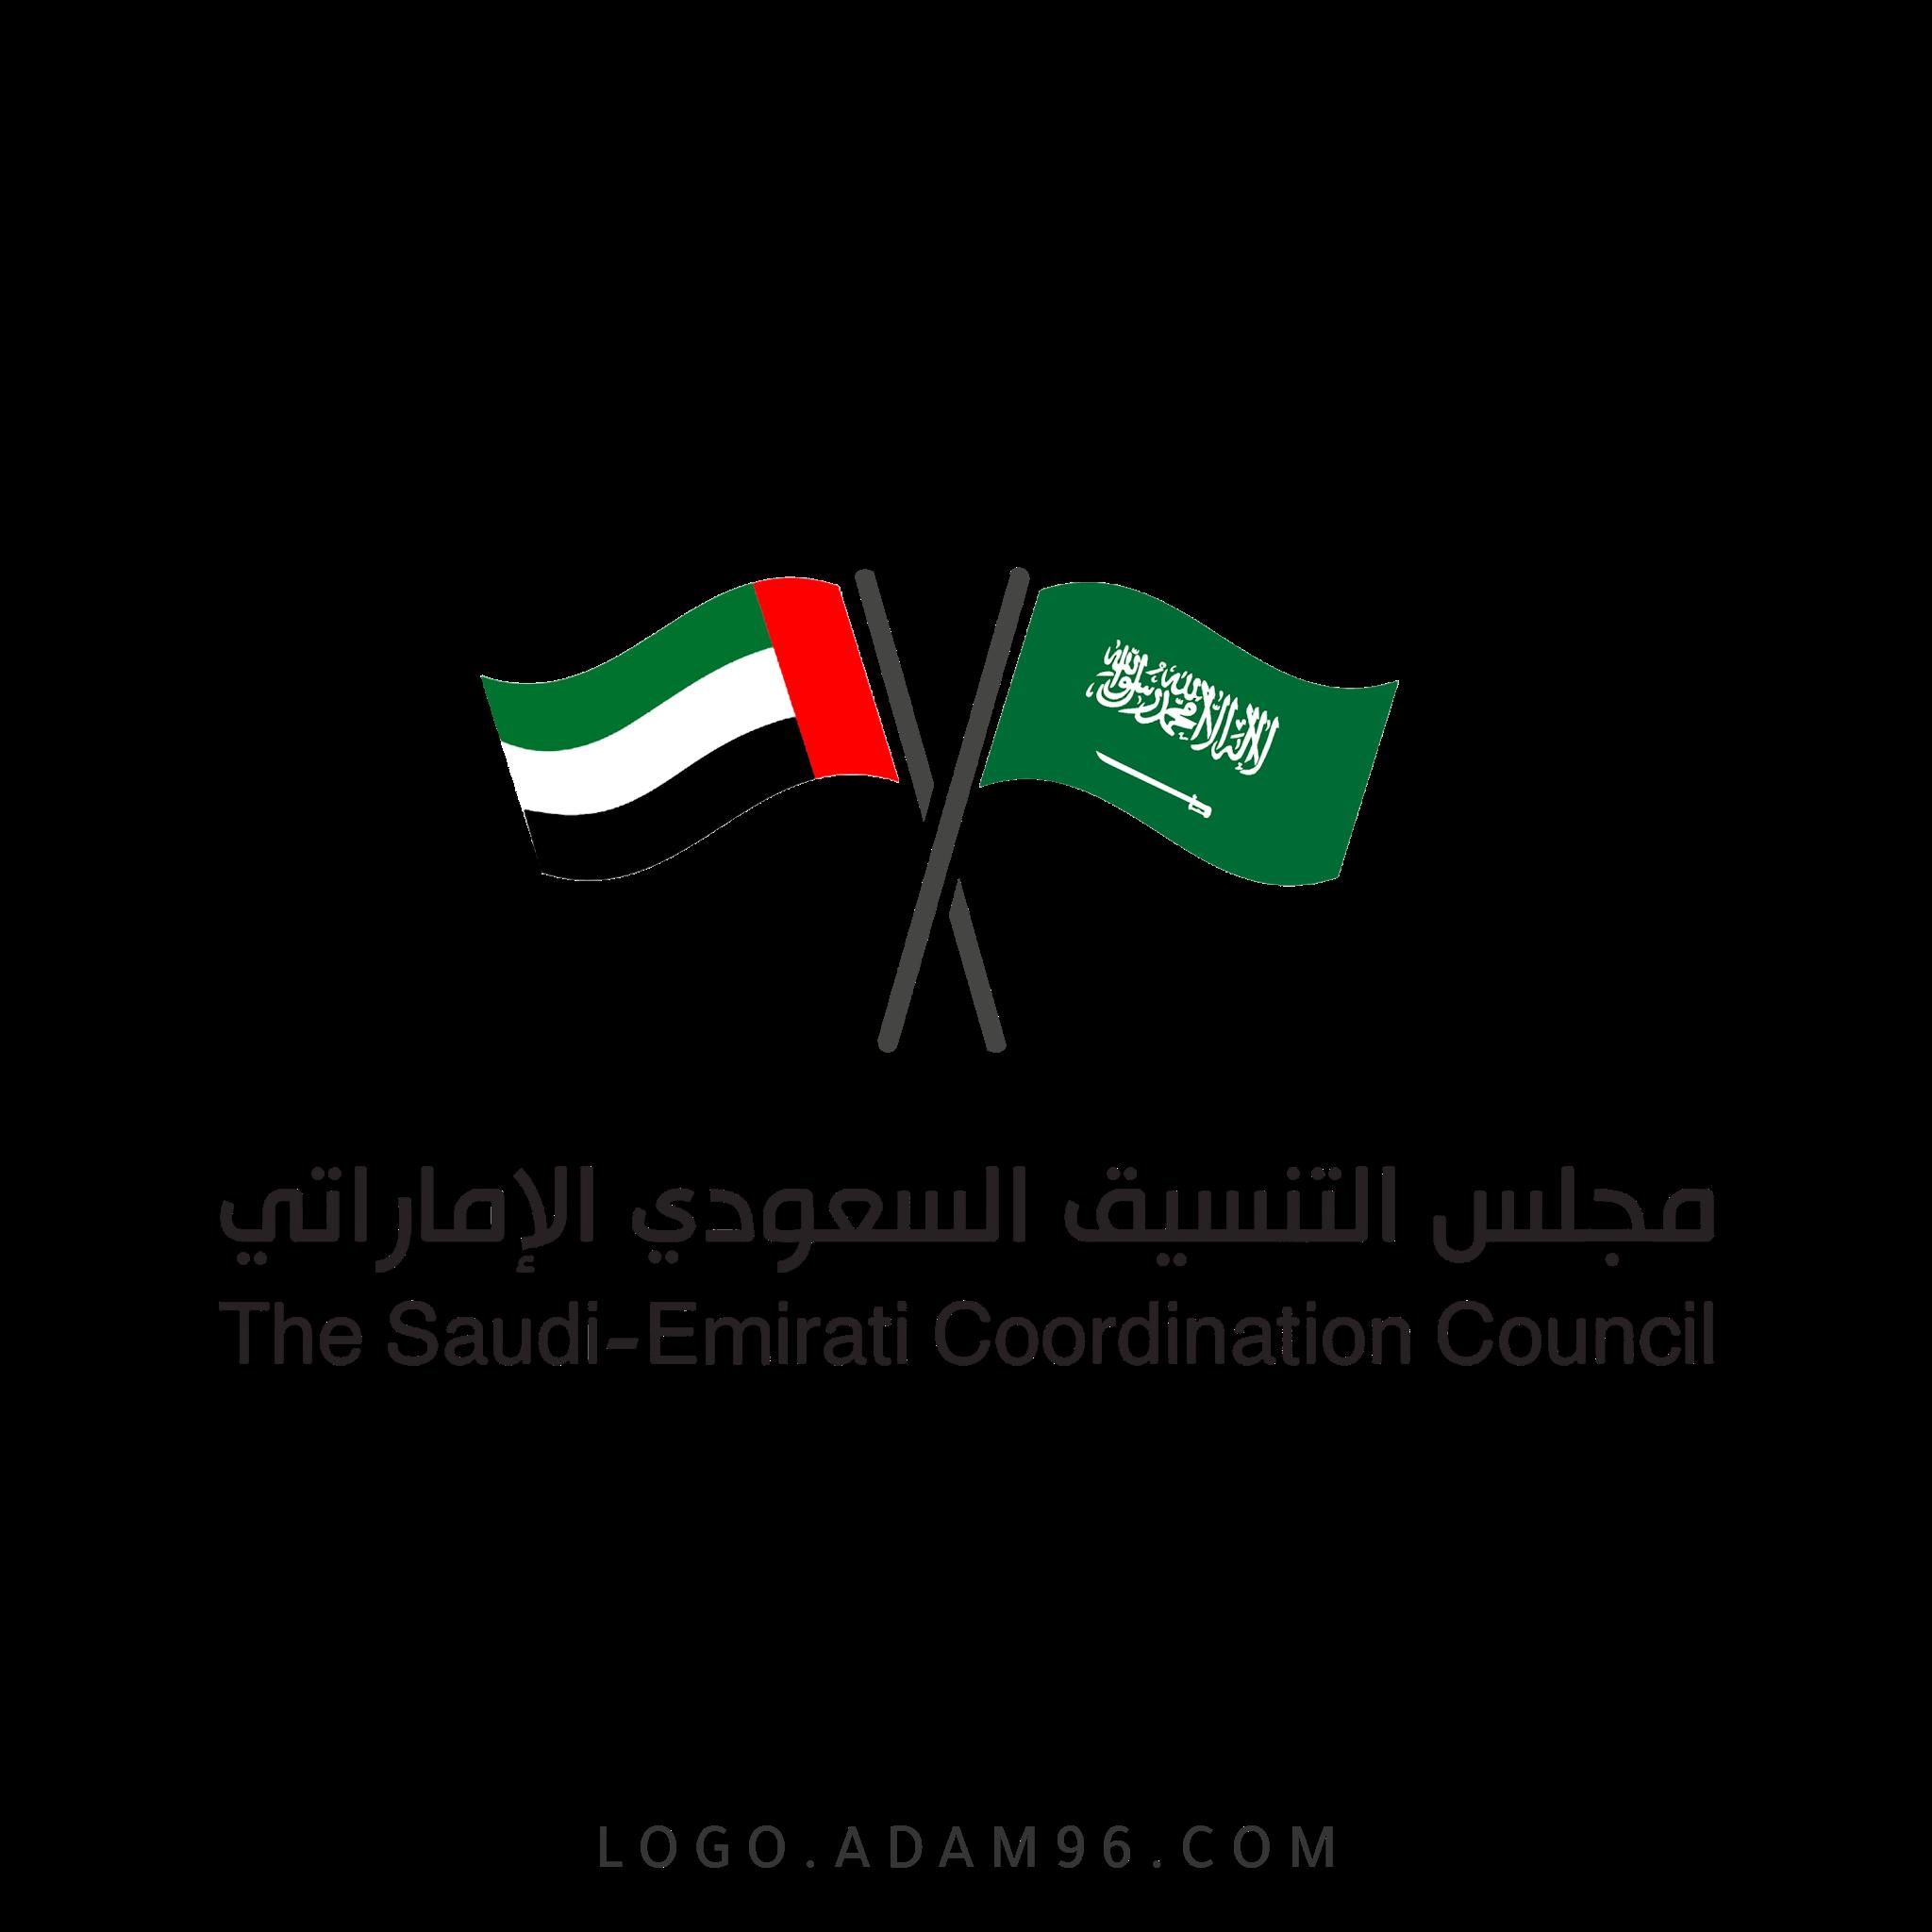 تحميل شعار مجلس التنسيق السعودي الإماراتي الرسمي لوجو عالي الجودة بصيغة PNG